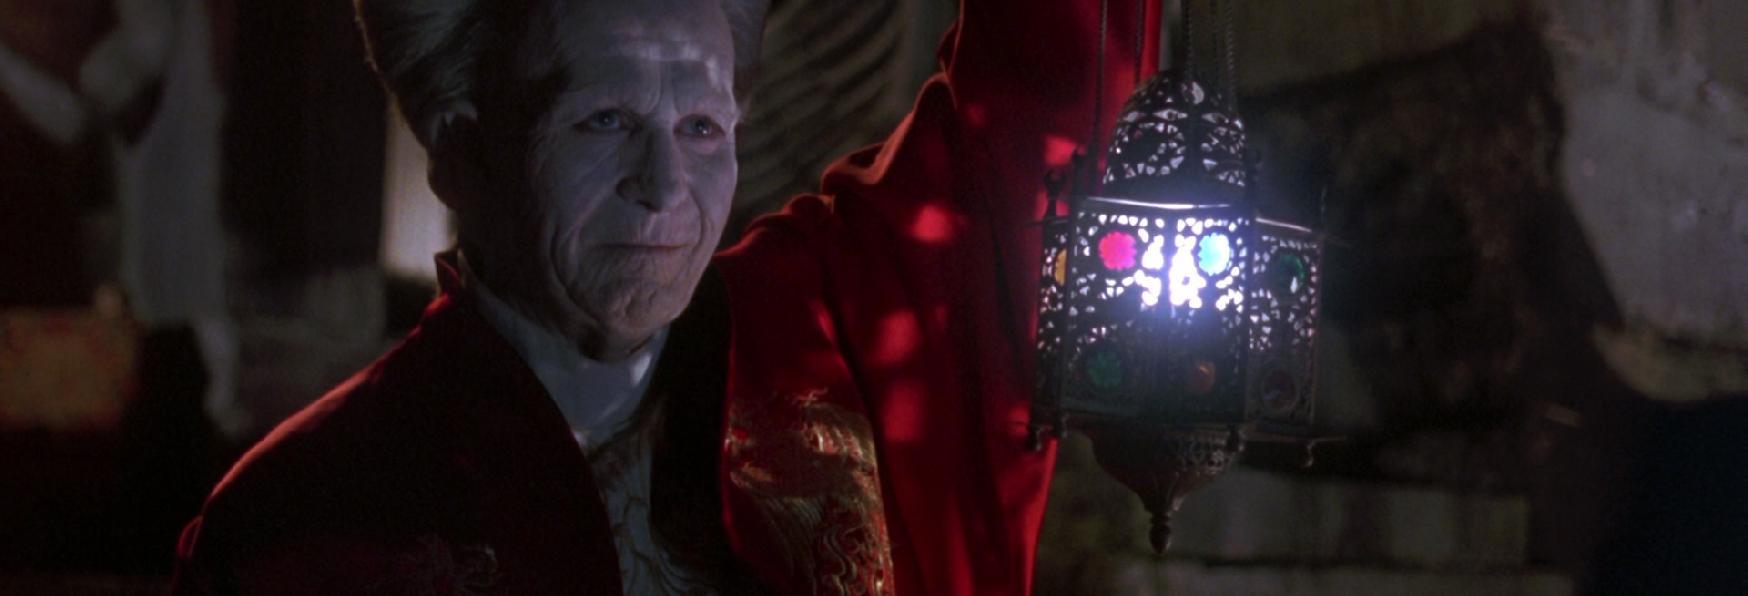 Dracula: annunciato il Cast della Miniserie prodotta da Steven Moffat e Mark Gatiss